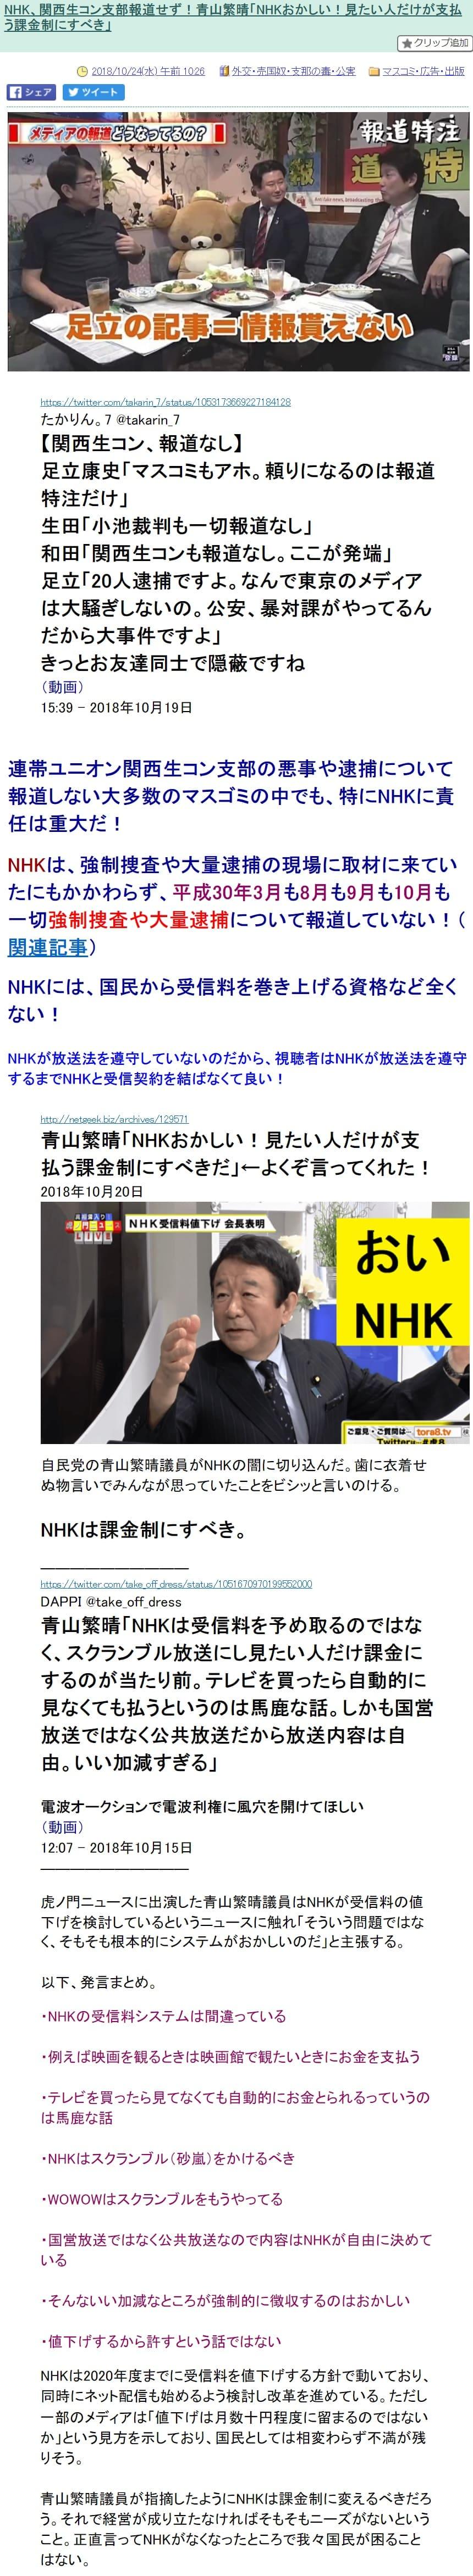 NHKは関西生コン逮捕を報道せず1 (1)